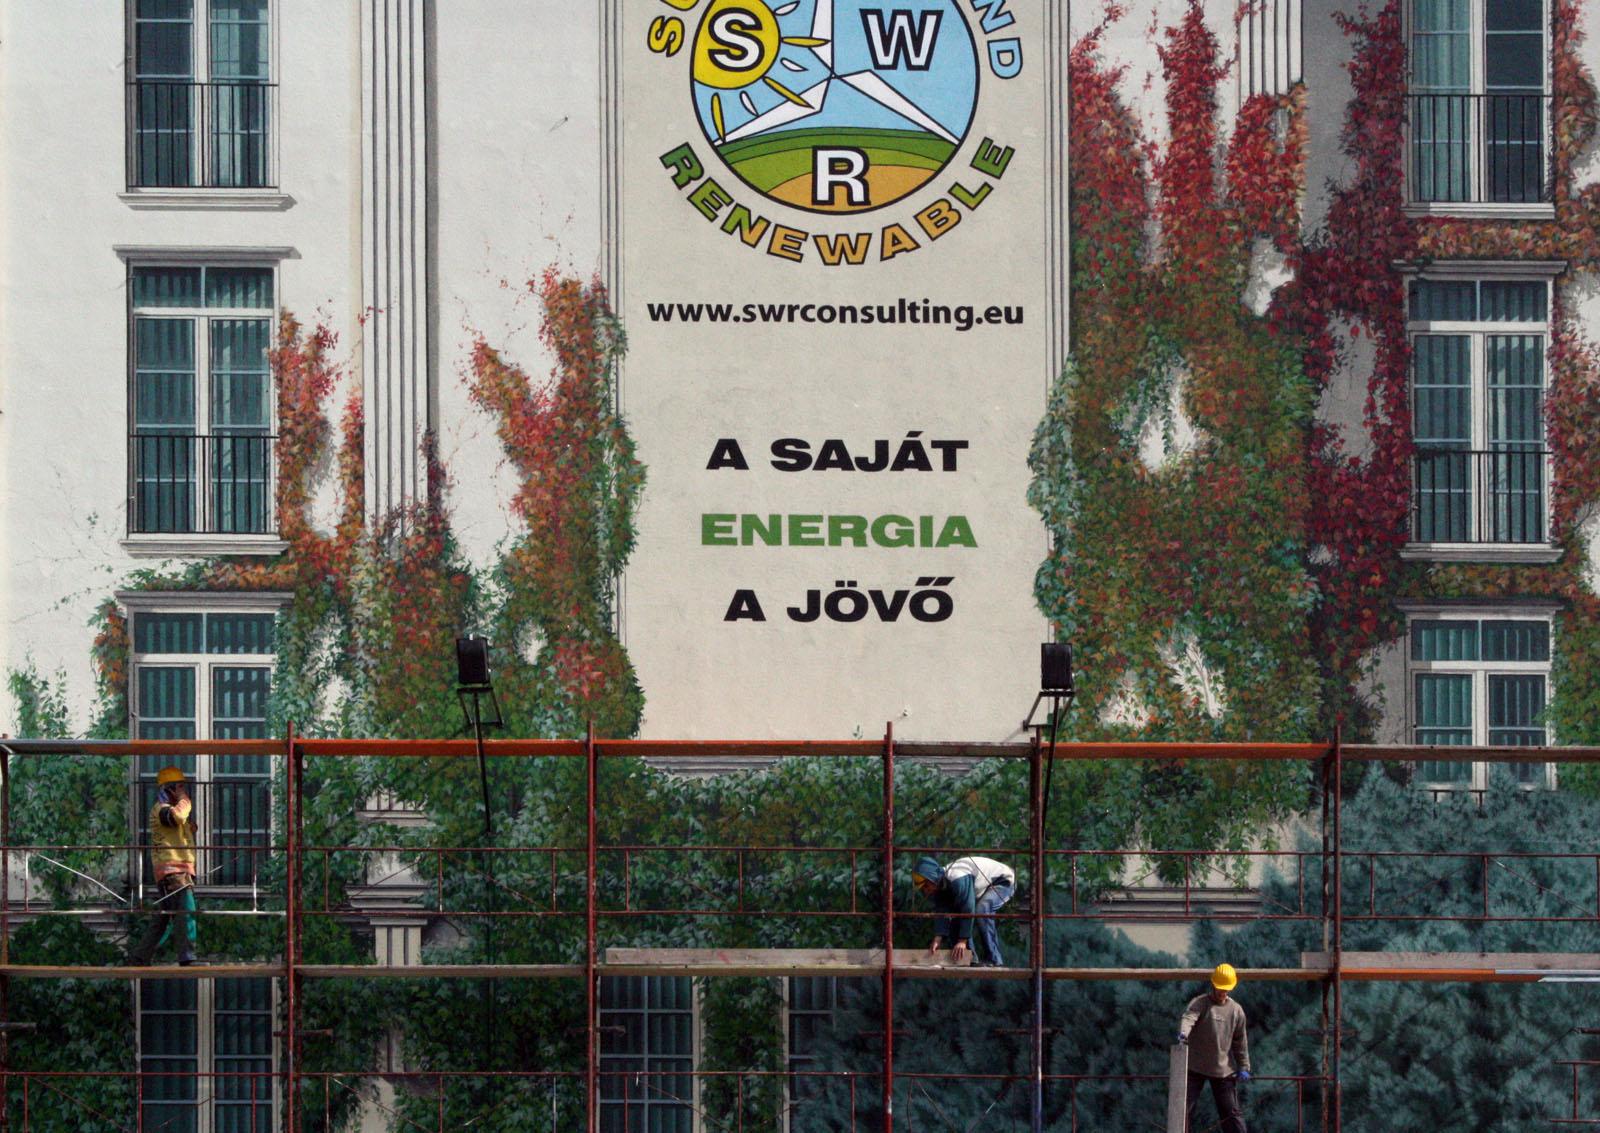 neopaint works - dekorációs falfestés - graffiti - képfestés - díszítő festés (7)